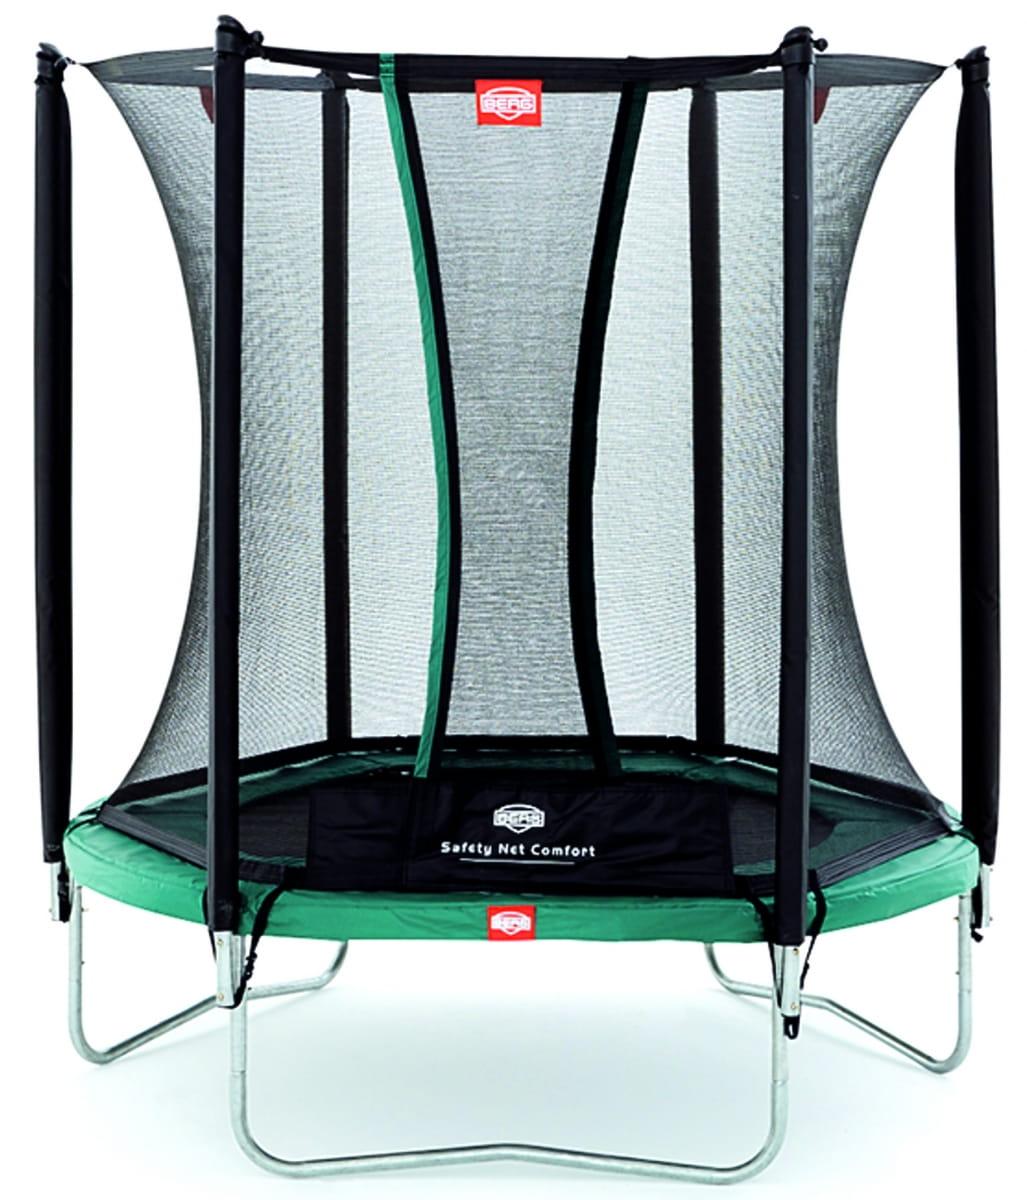 Батут BERG Talent с защитной сеткой Safety Net Comfort - 180 см